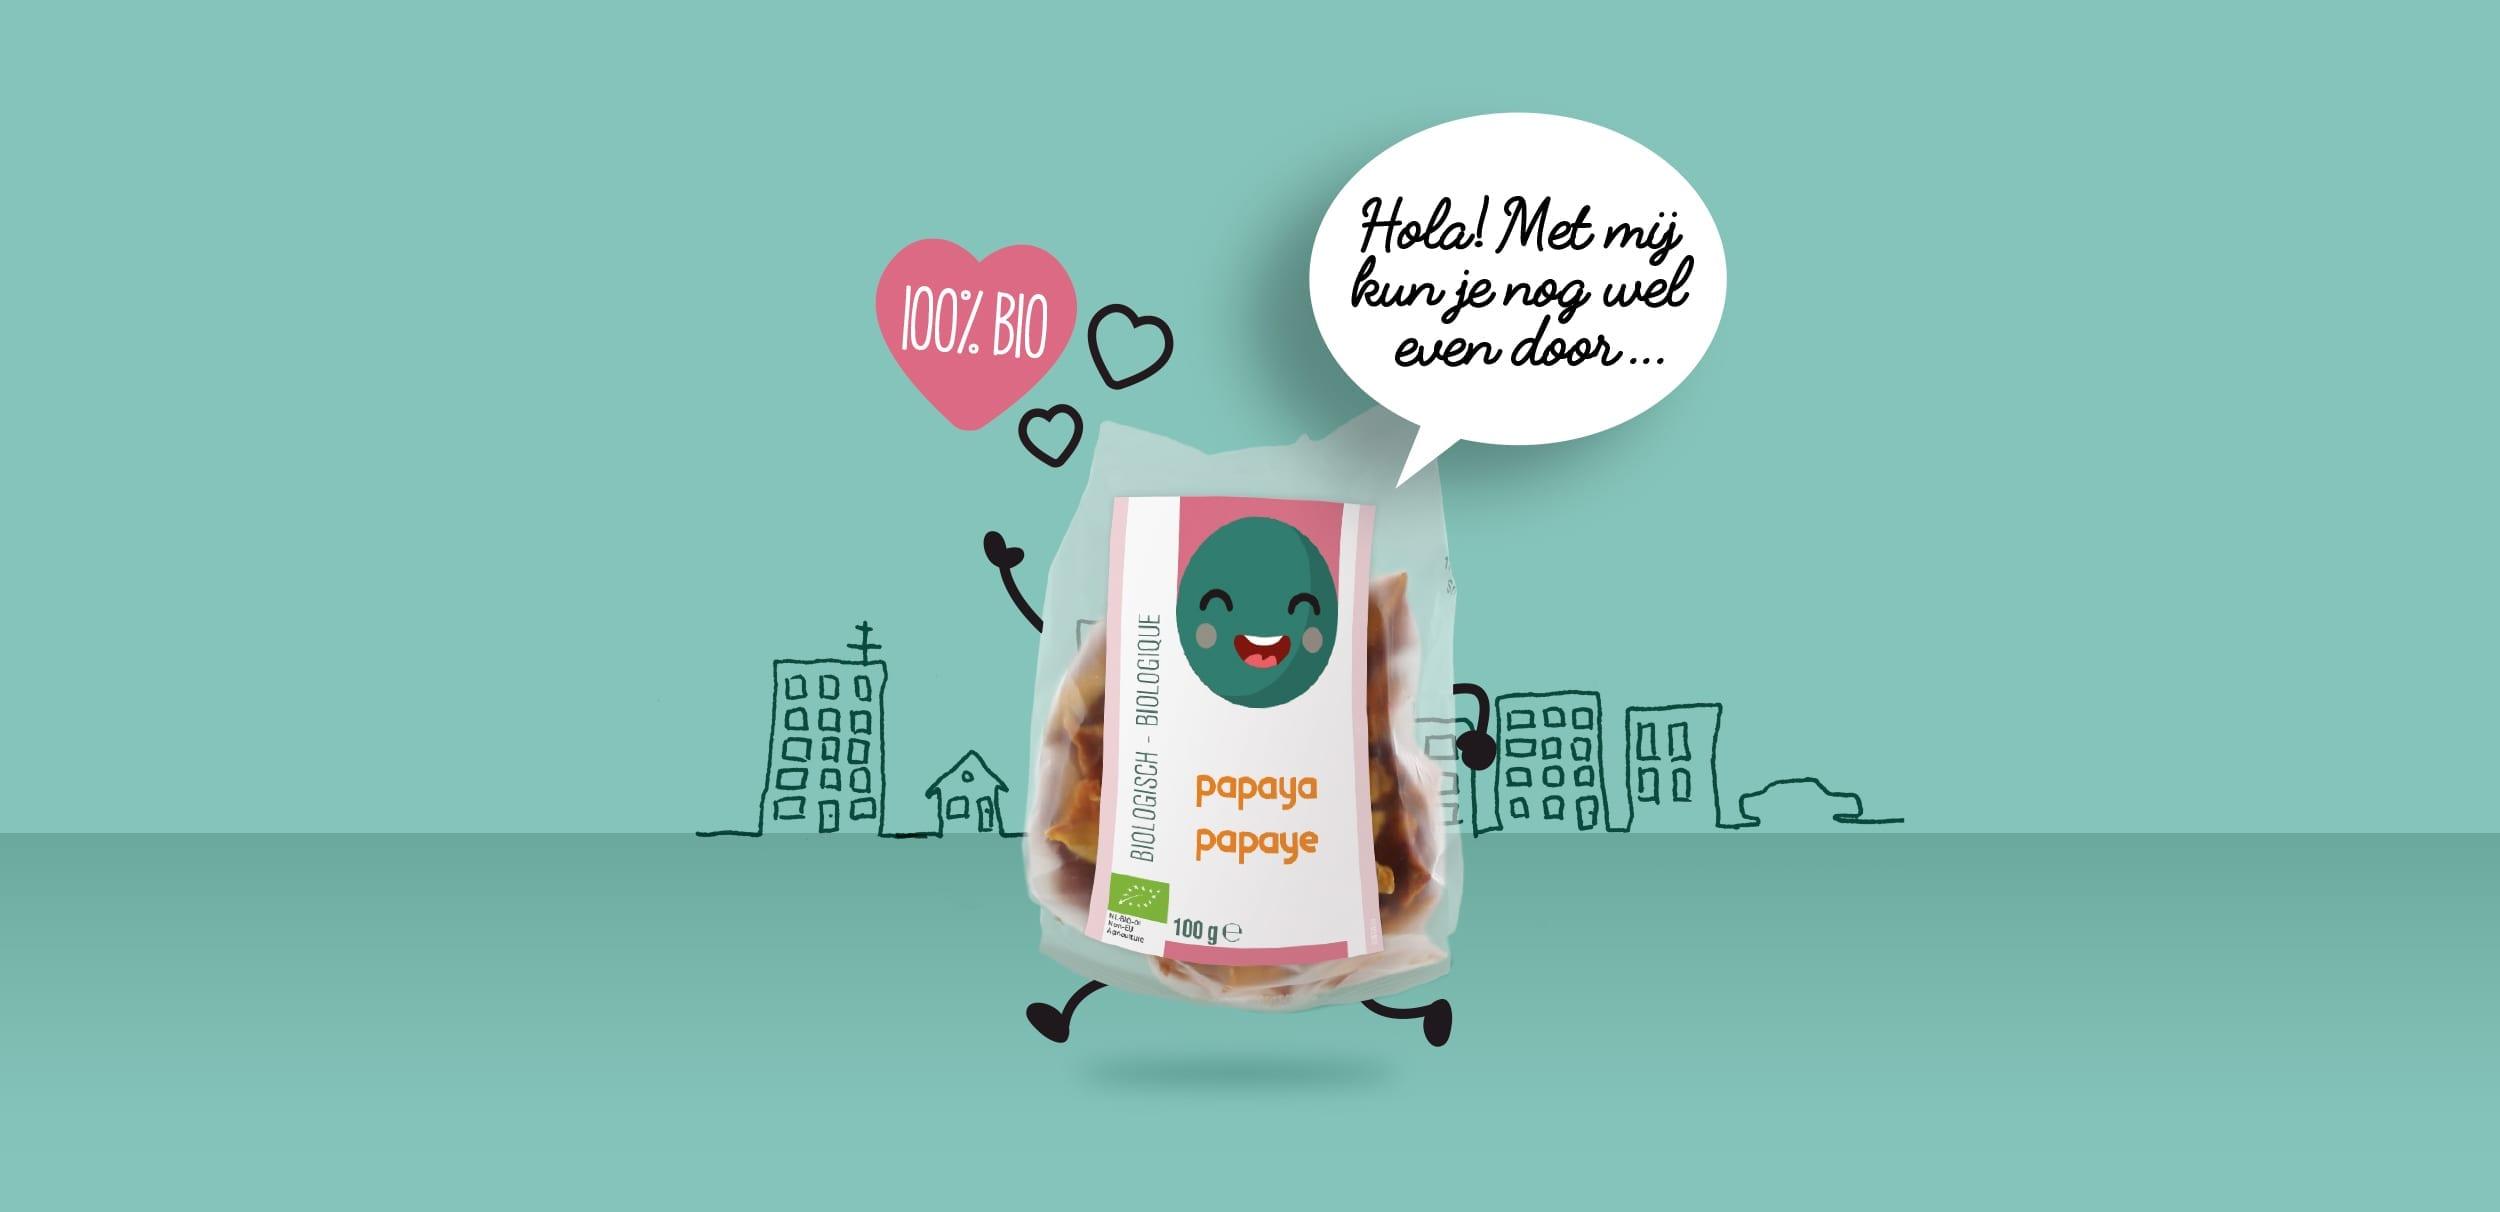 novad-creatieve-merkversterkers-solebio-slide-papaya